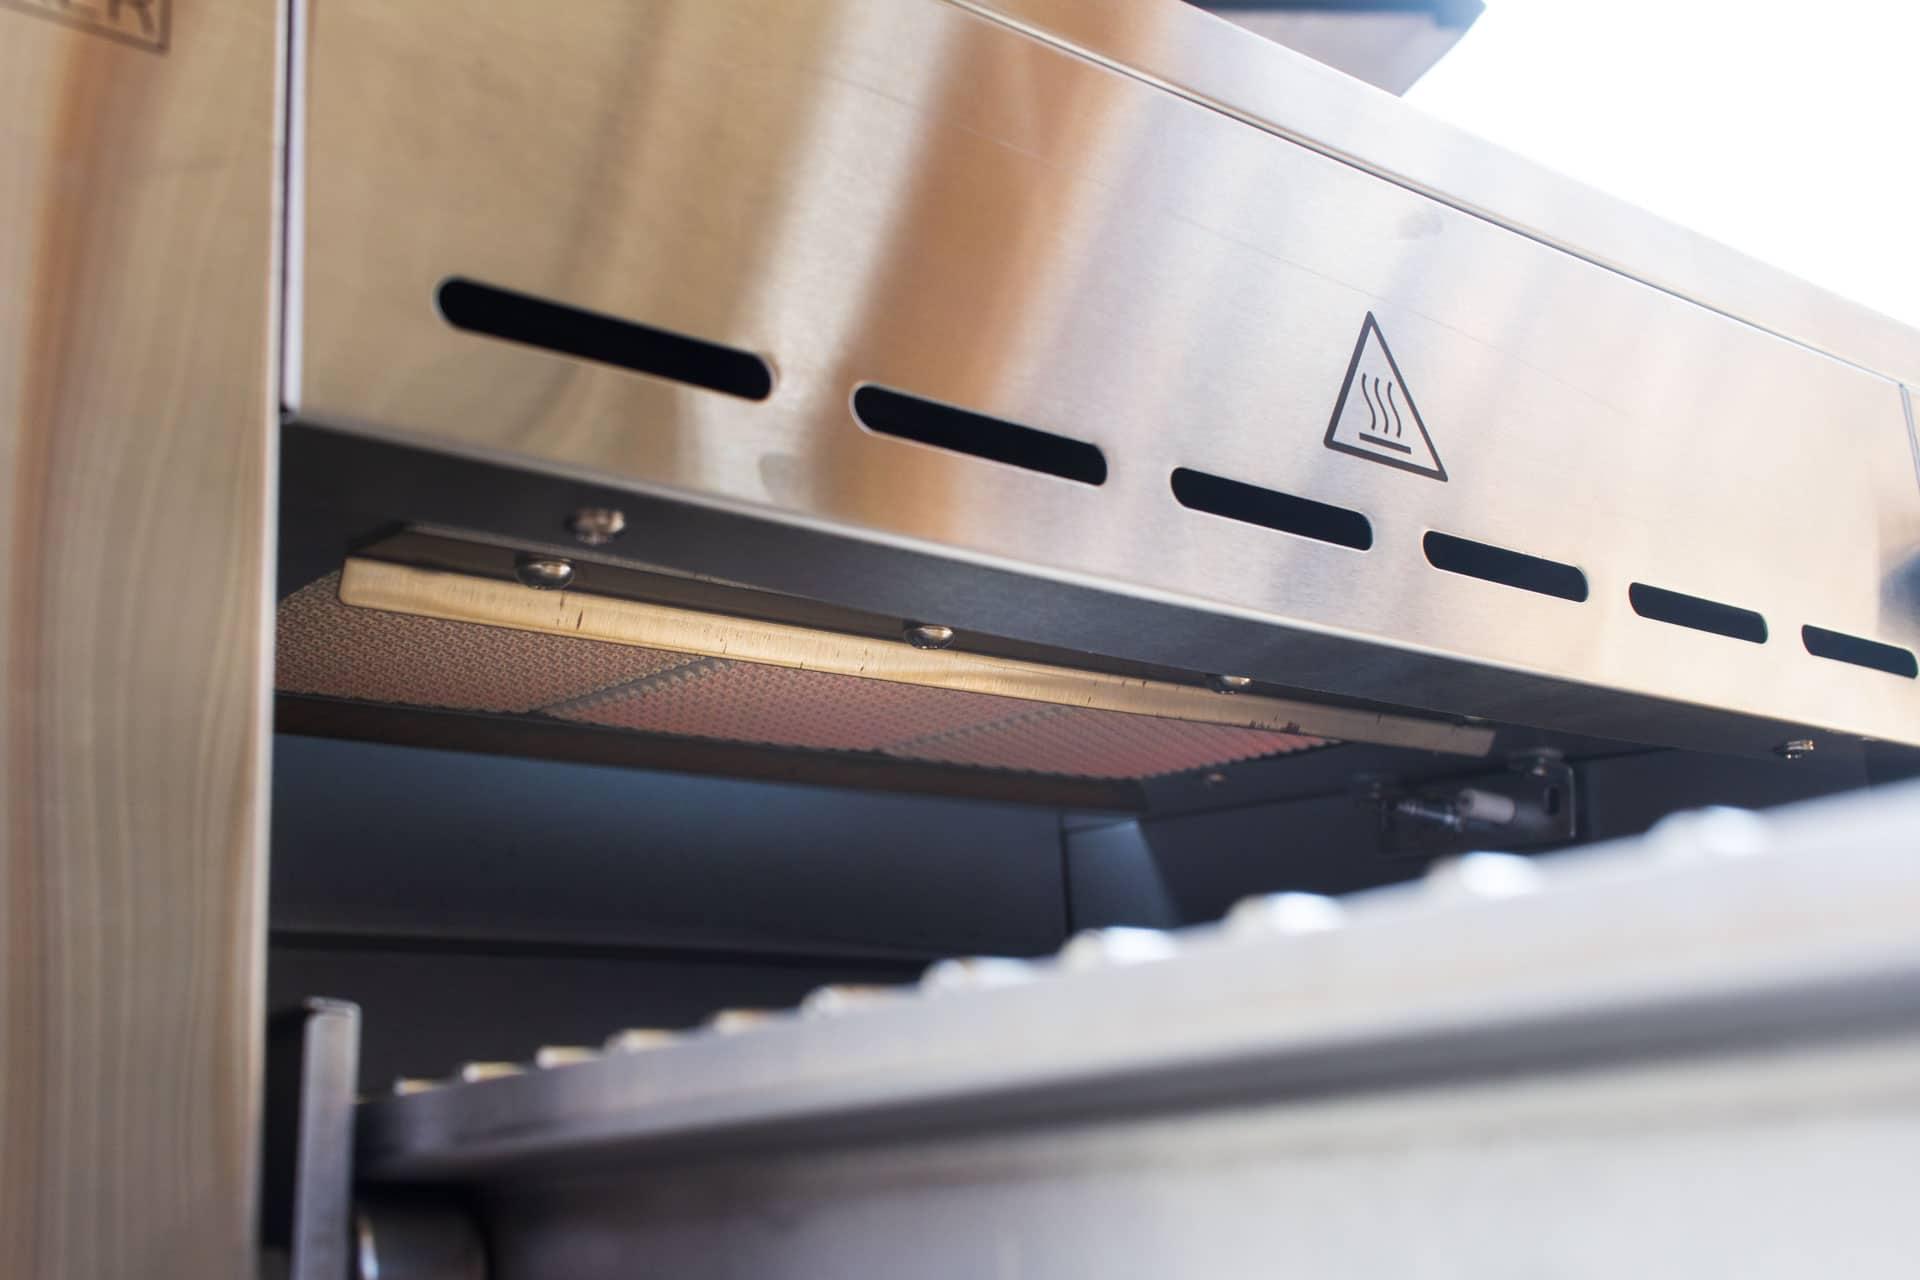 Aldi Holzkohlegrill 2018 Test : Aldi süd grillt an gas grill ab heute im angebot chip